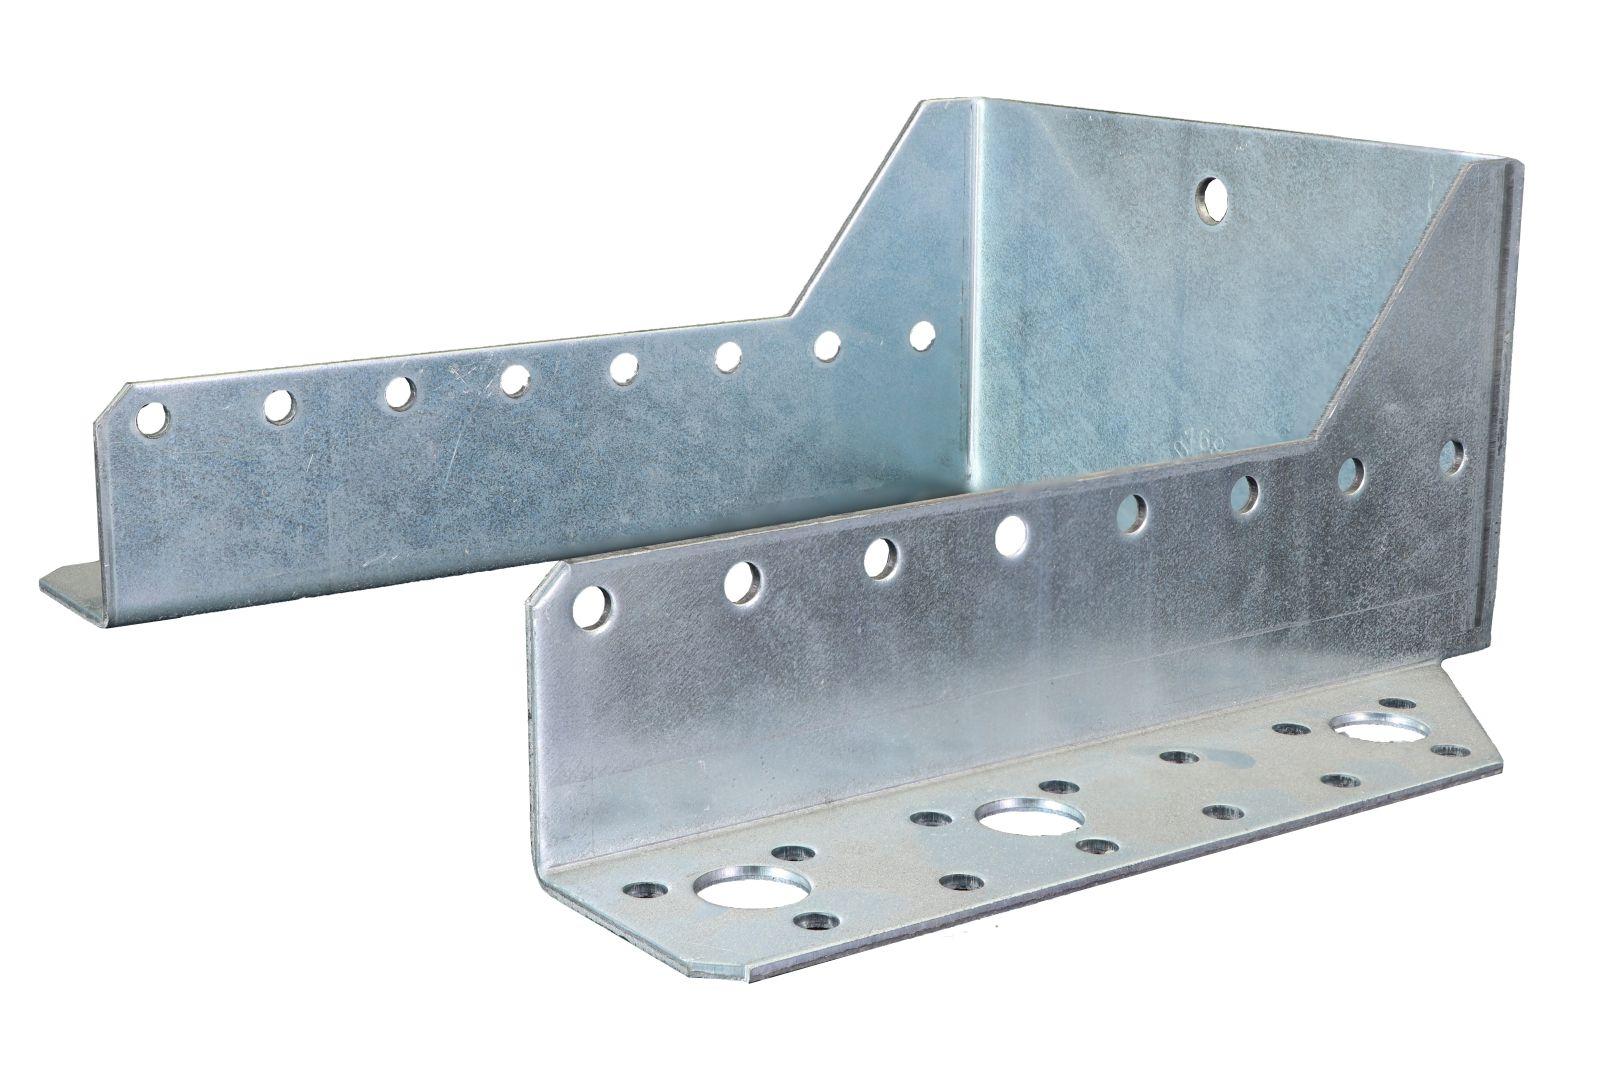 GAH Balkenschuh, außen, sendzimirverzinkt, Typ A, 120 x 160 mm